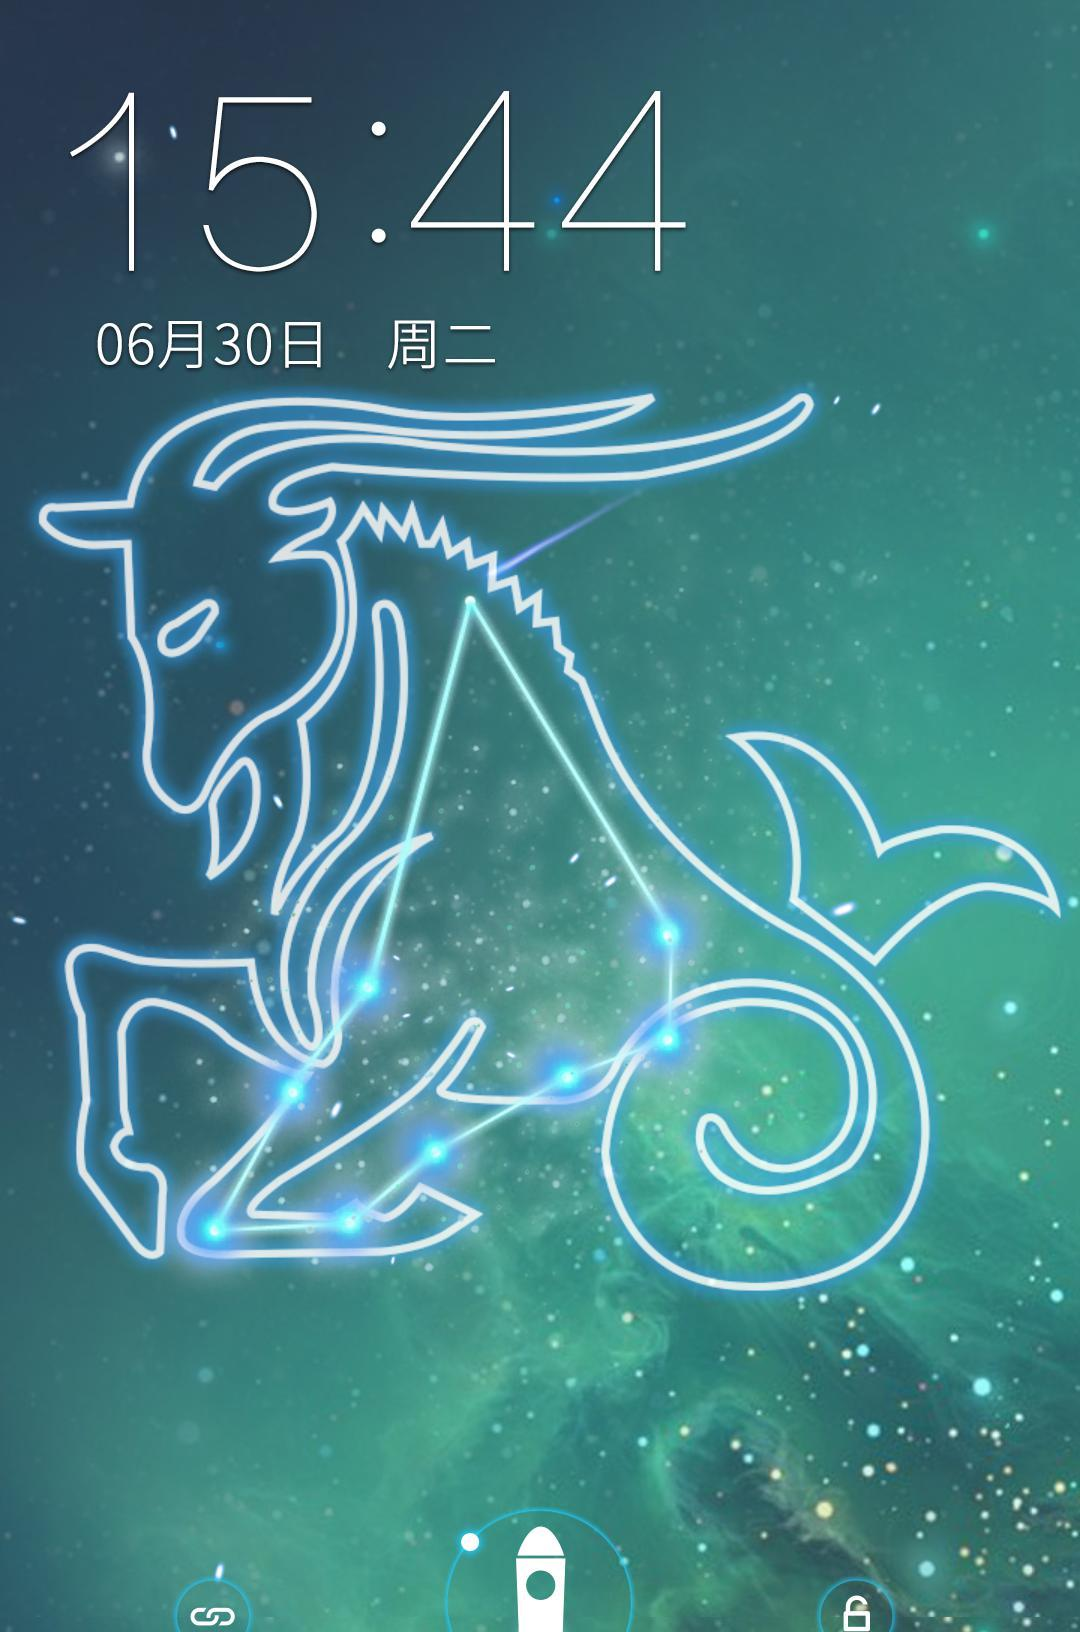 摩羯座年龄动态梦象星星壁纸是一款以高清,星座为天蝎座多大夜空了图片